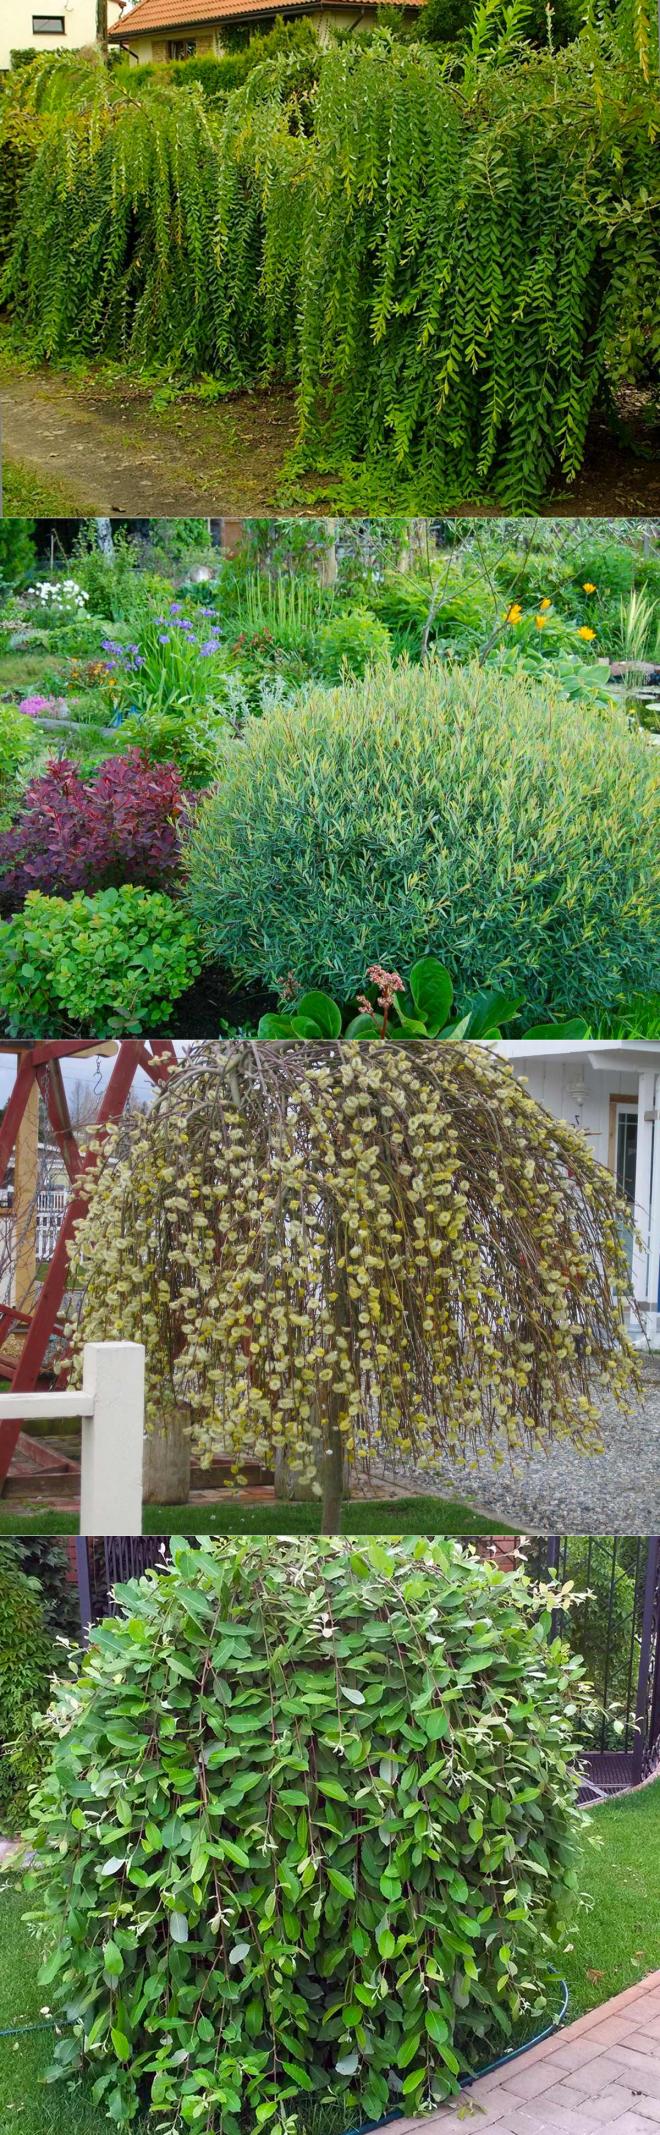 Растение дрок: фото, сорта, описание, посадка и уход